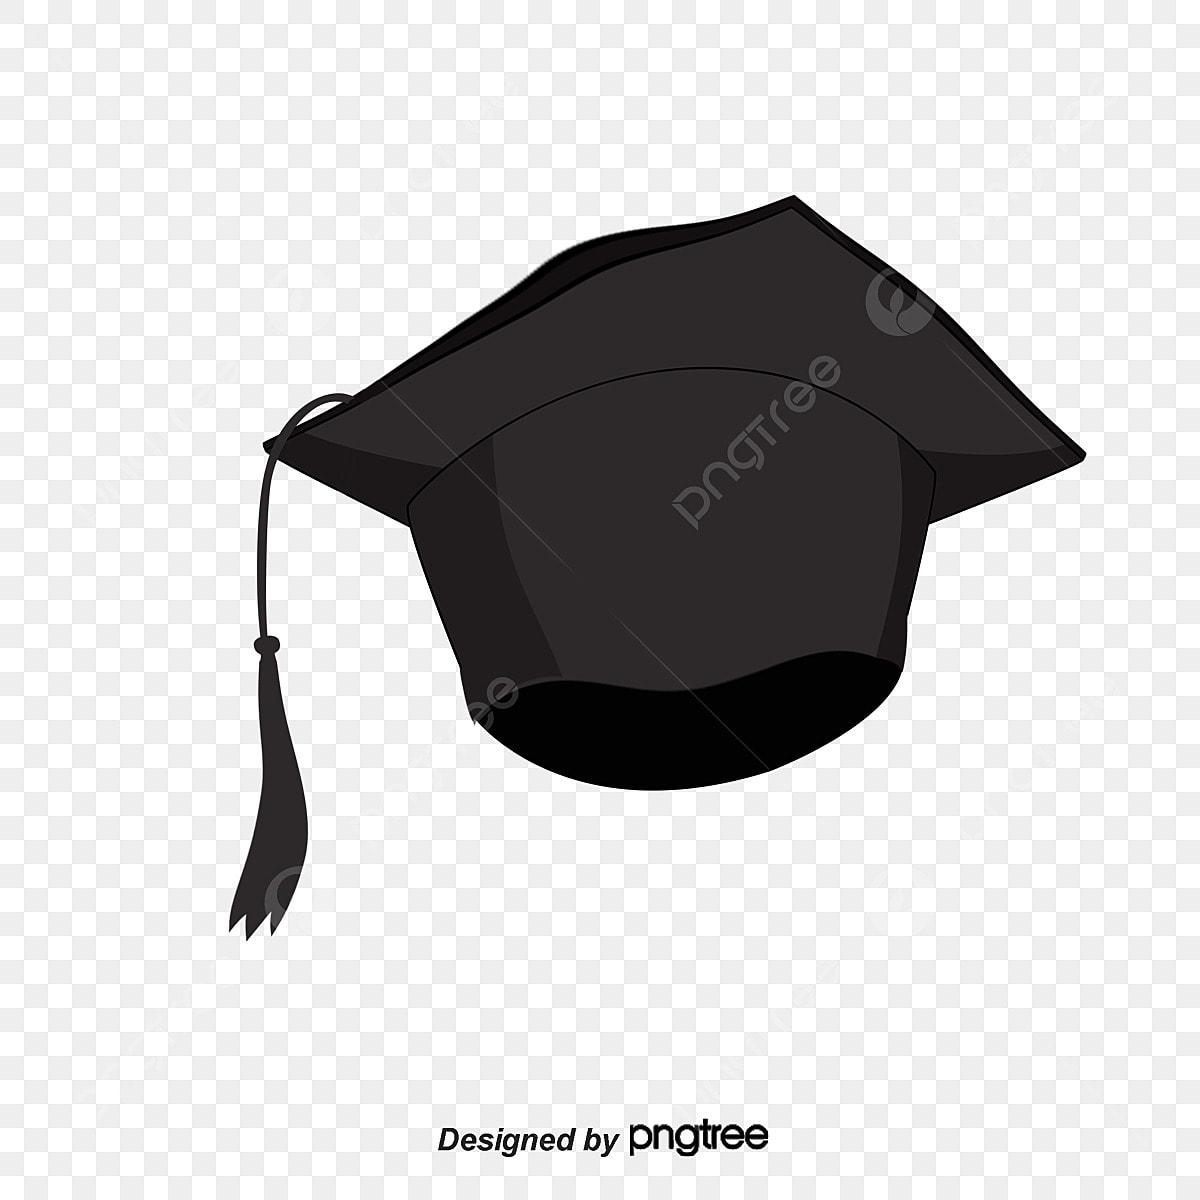 قبعة التخرج قبعة قبعة التخرج الديكور Png وملف Psd للتحميل مجانا